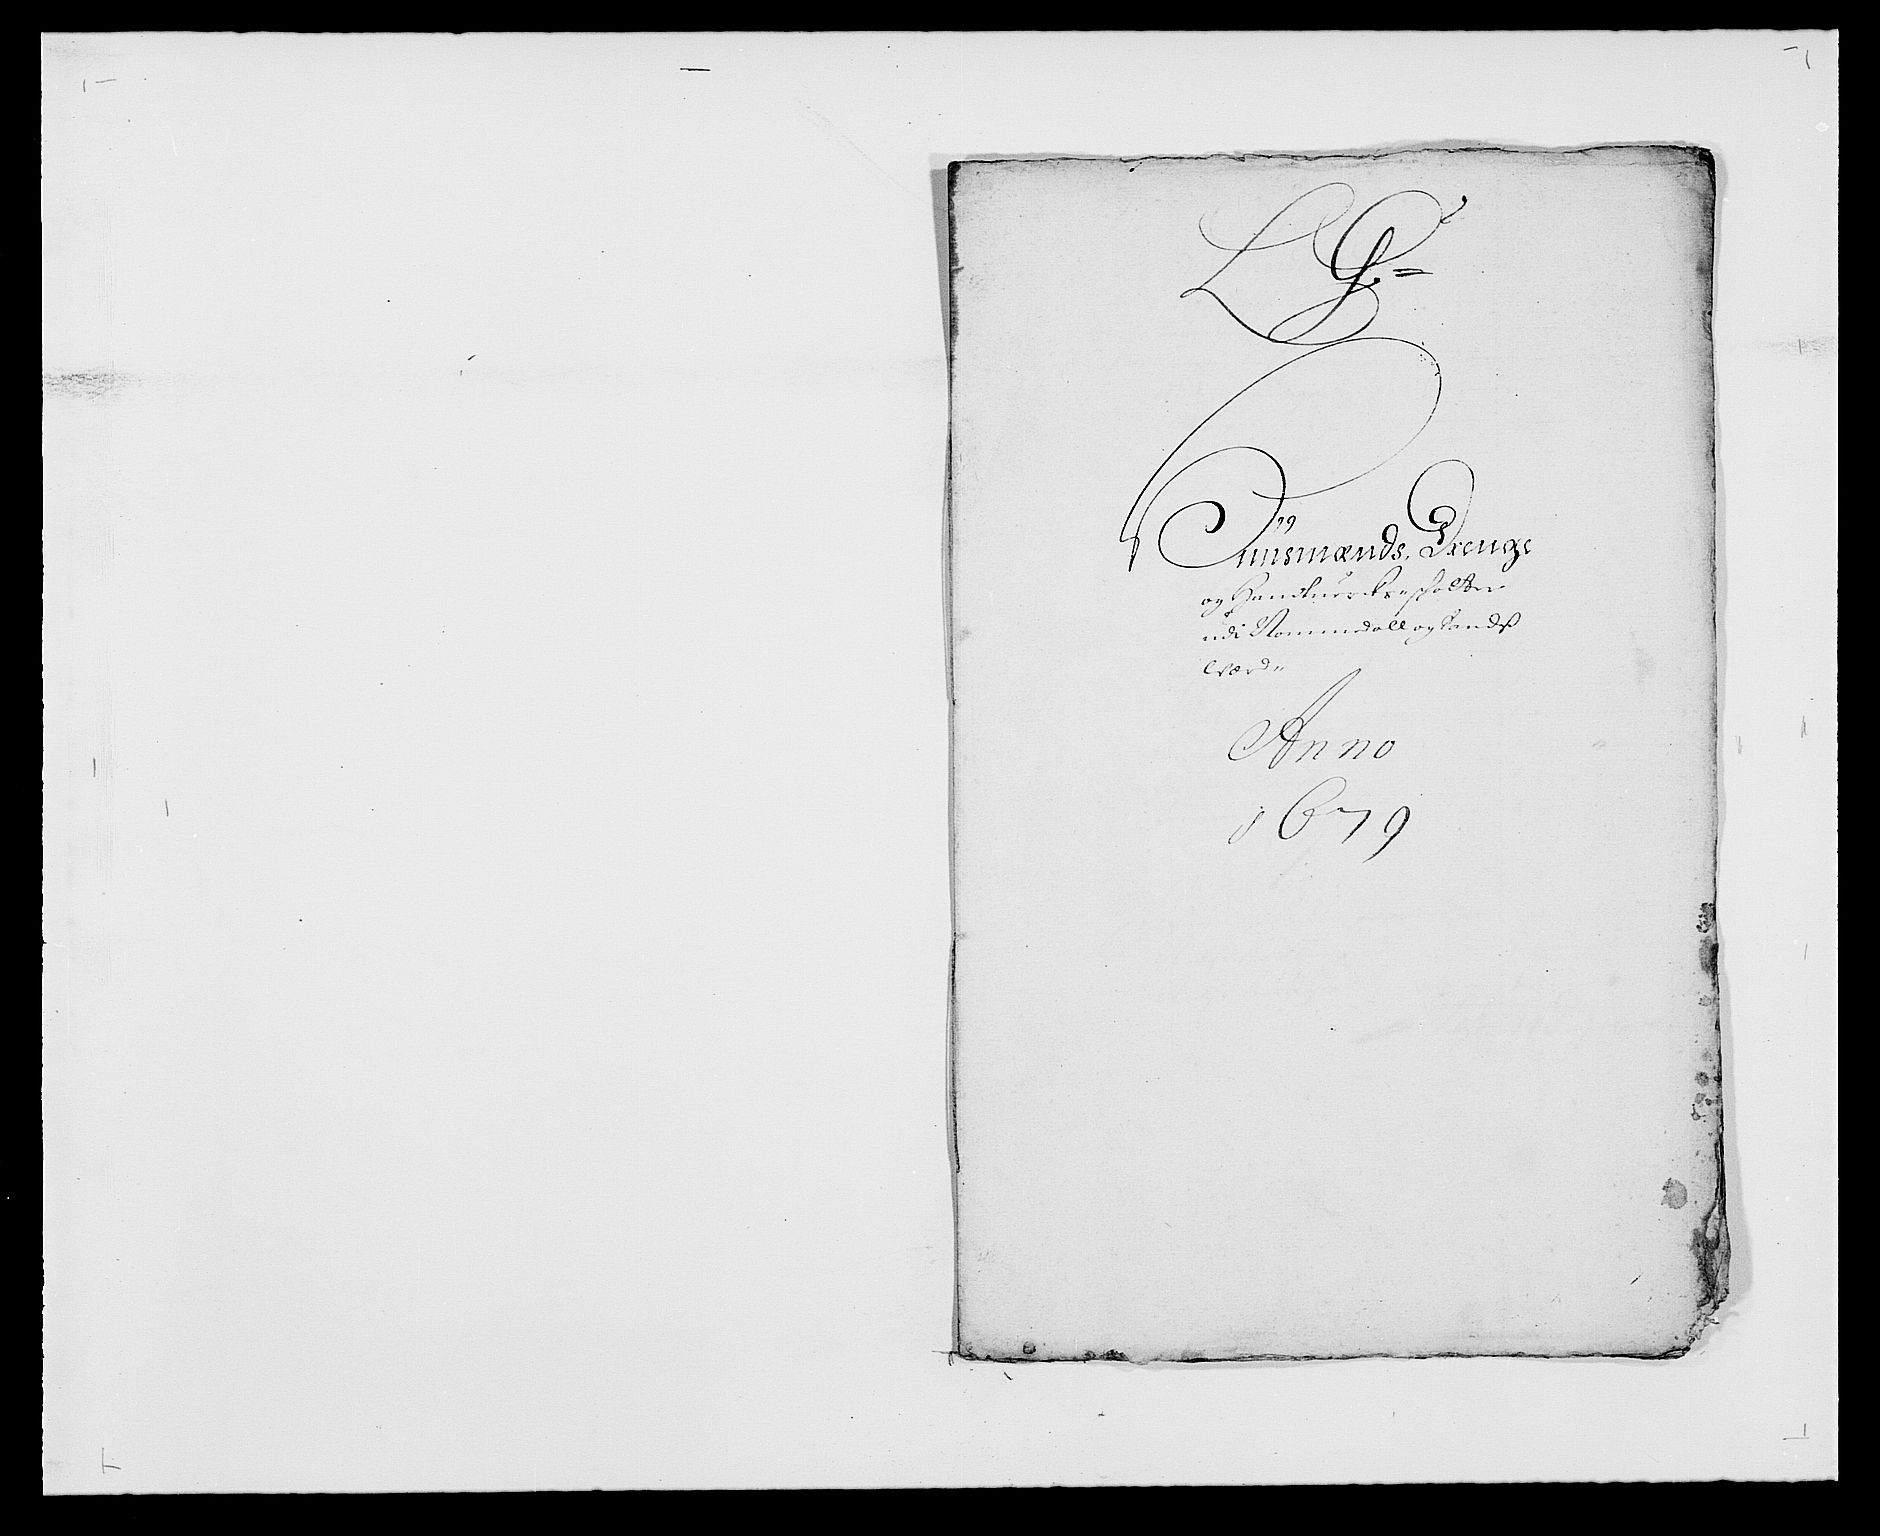 RA, Rentekammeret inntil 1814, Reviderte regnskaper, Fogderegnskap, R24/L1569: Fogderegnskap Numedal og Sandsvær, 1679-1686, s. 148